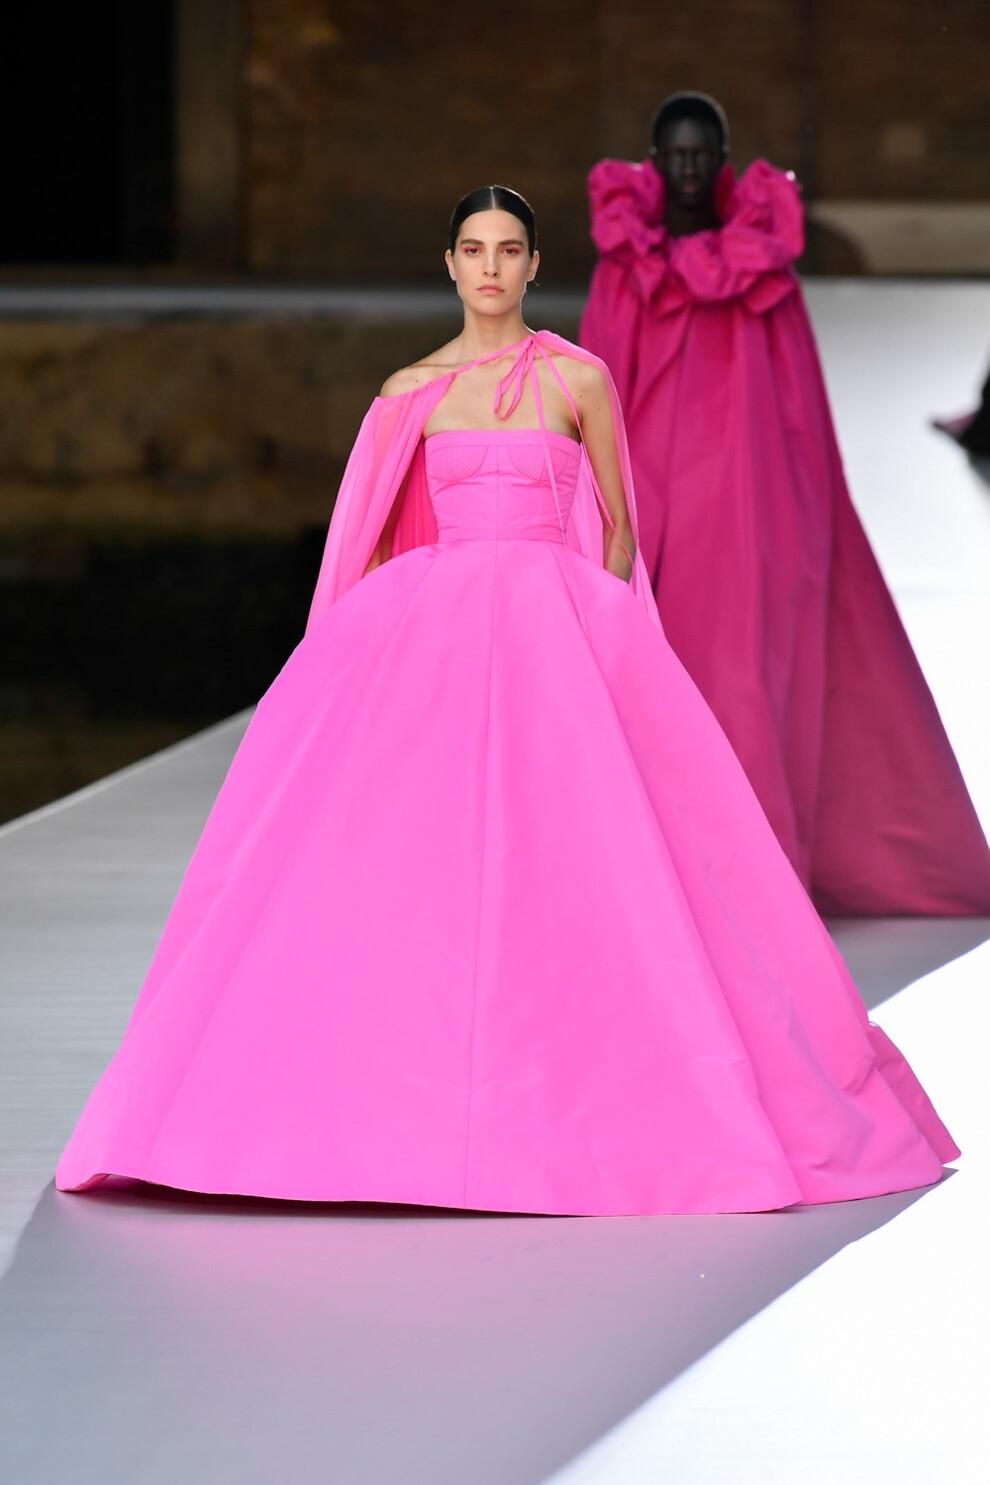 Шляпы с перьями и много цвета в новой коллекции Valentino Haute Couture (ФОТО) - фото №7